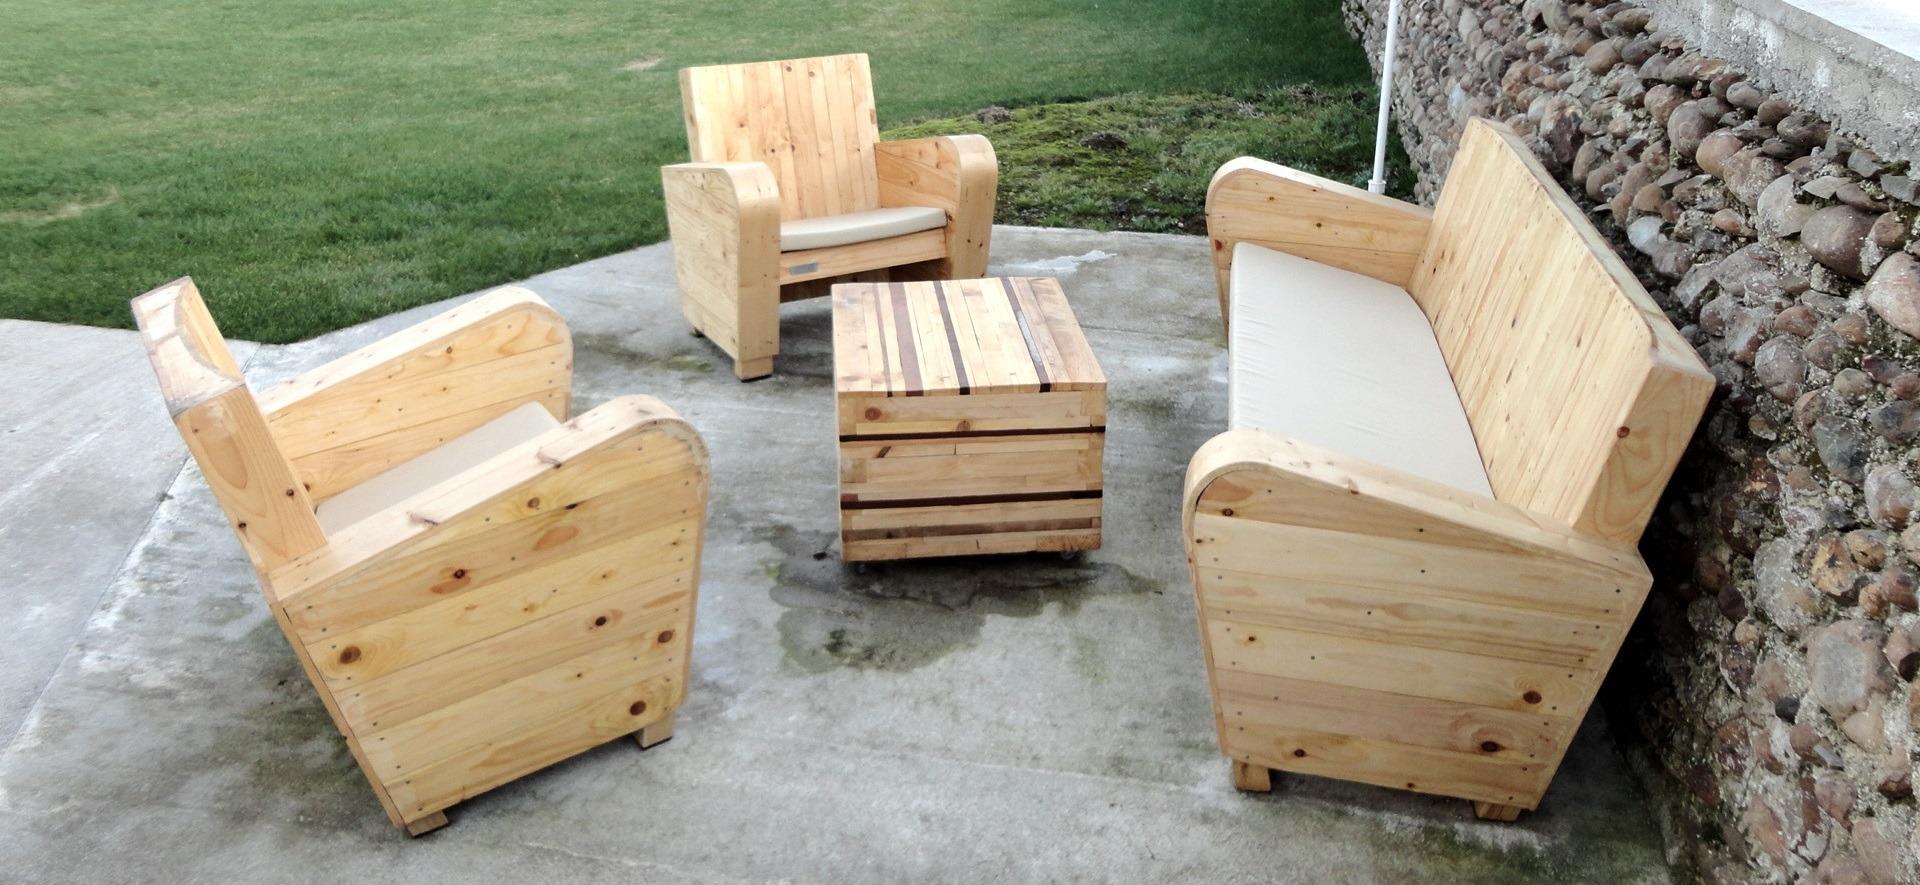 Mobilier de jardin en bois - Mailleraye.fr jardin